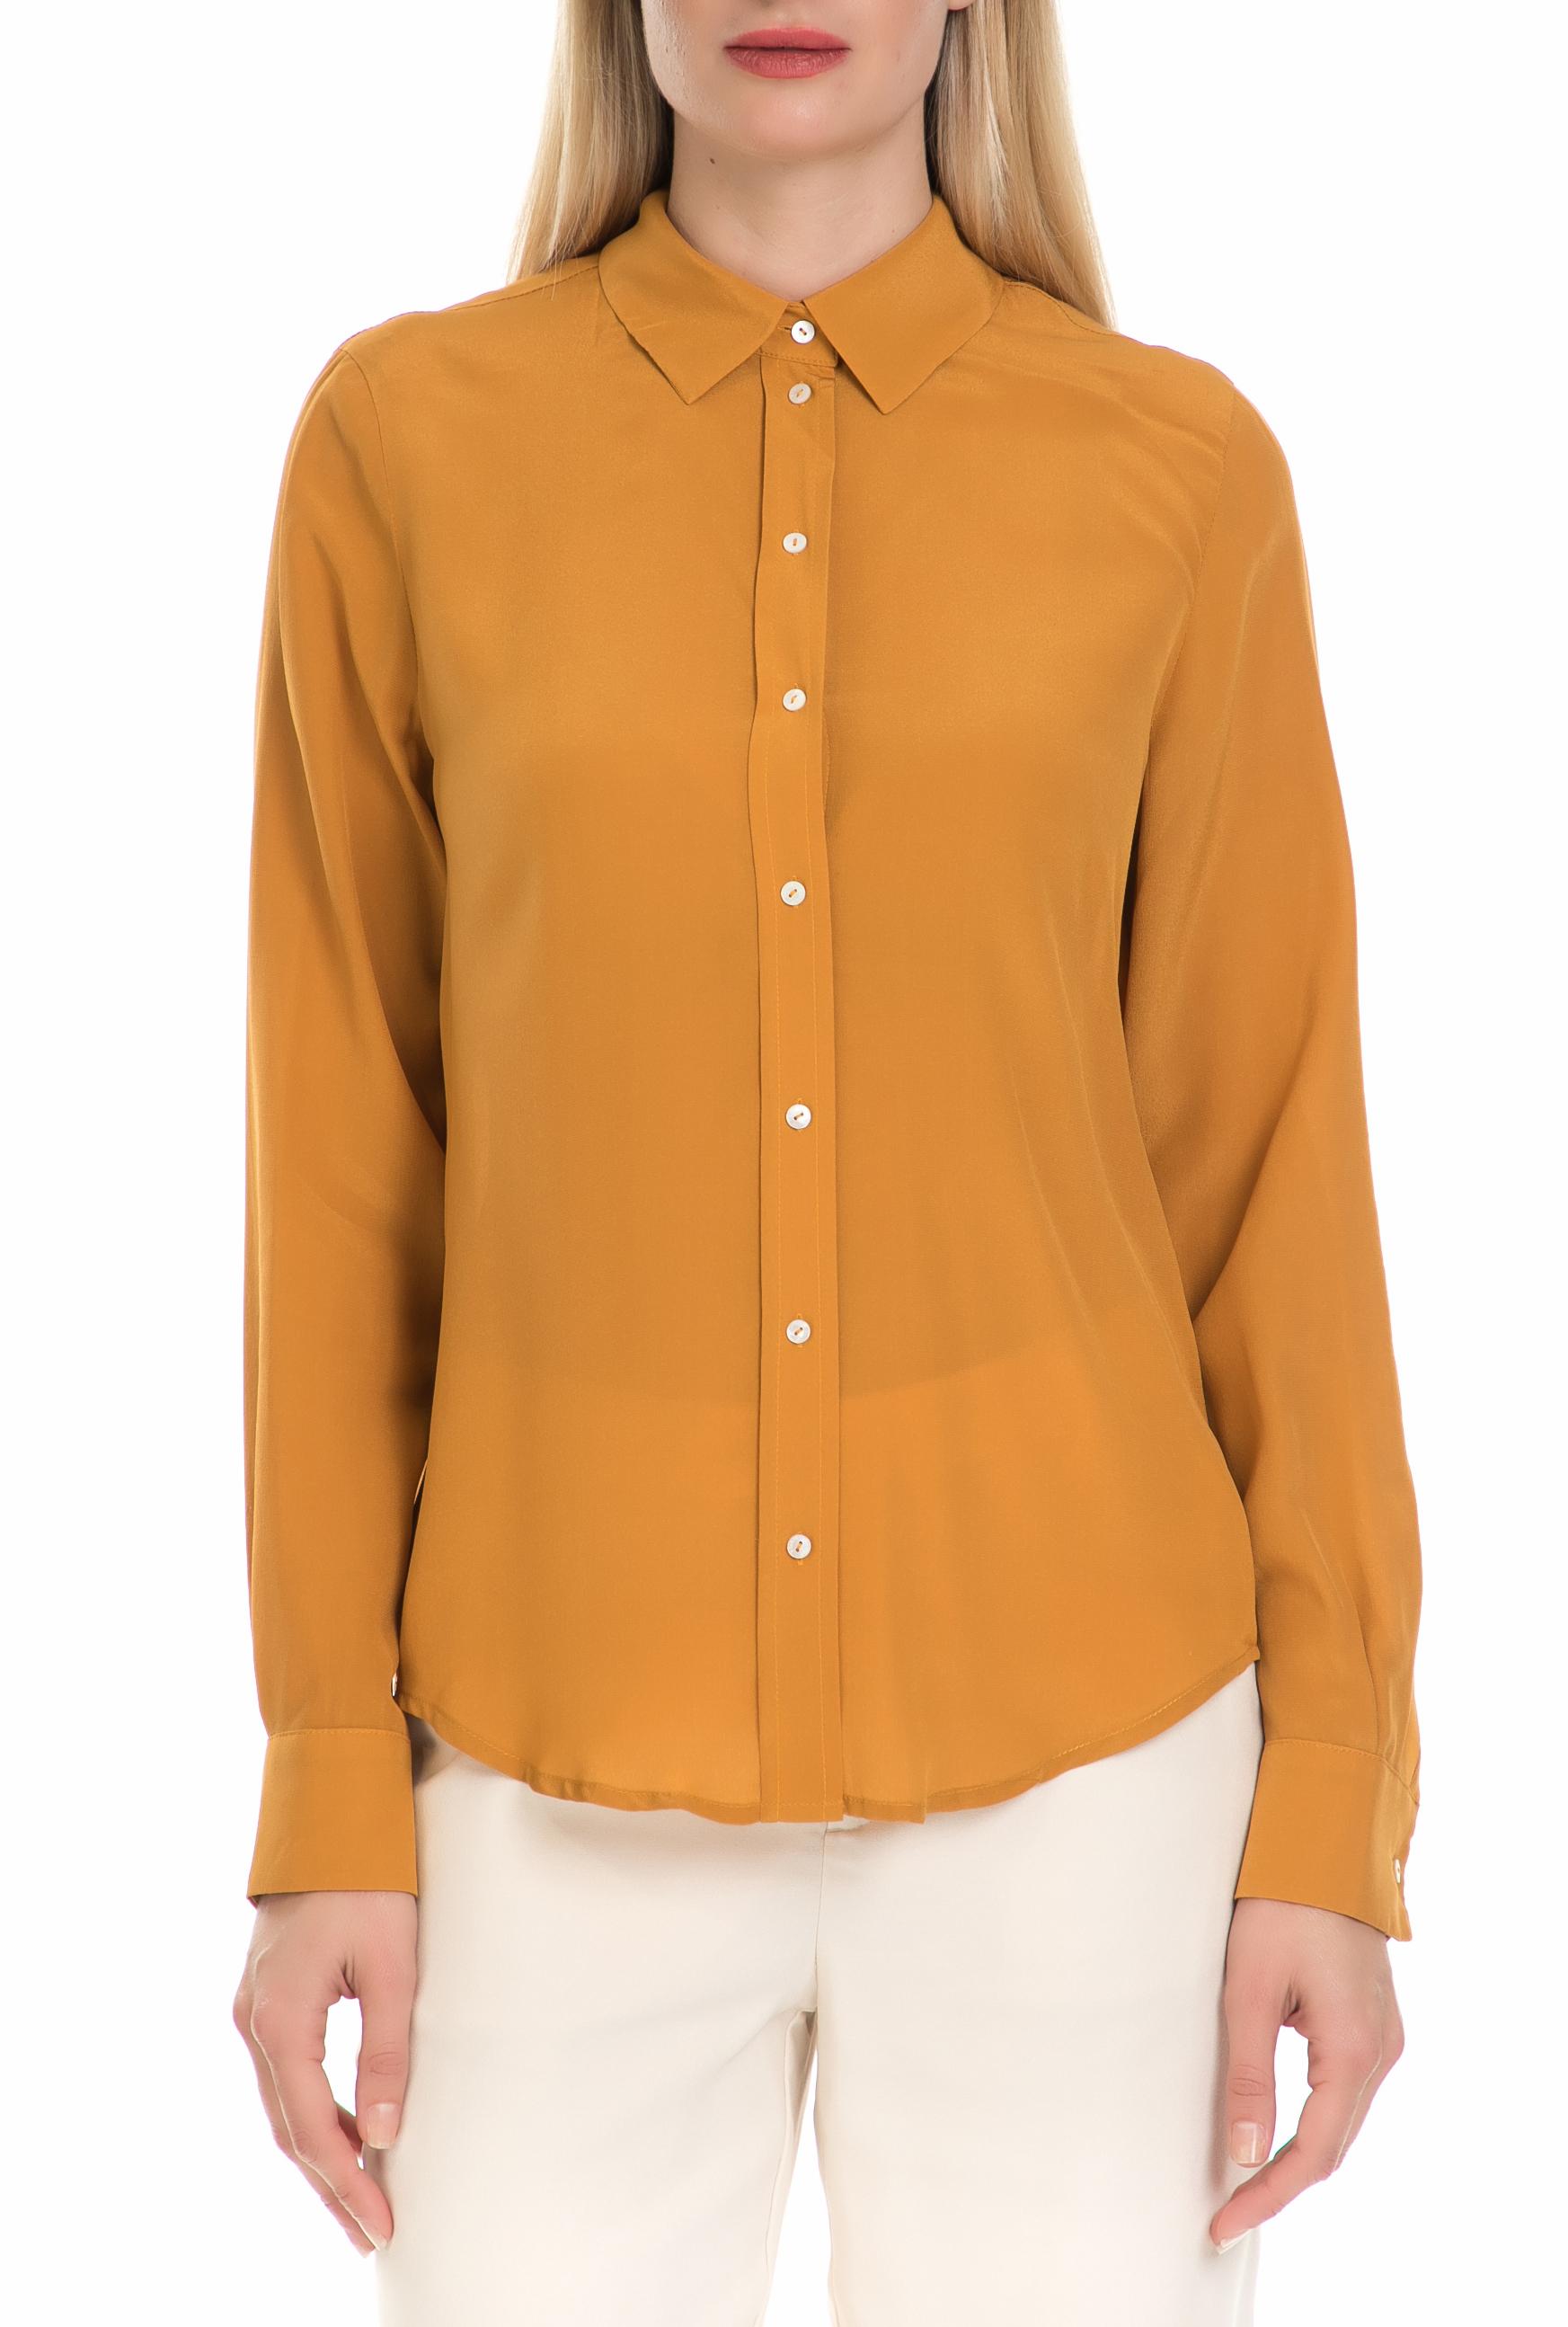 SCOTCH & SODA - Γυναικείο πουκάμισο SCOTCH & SODA κίτρινο